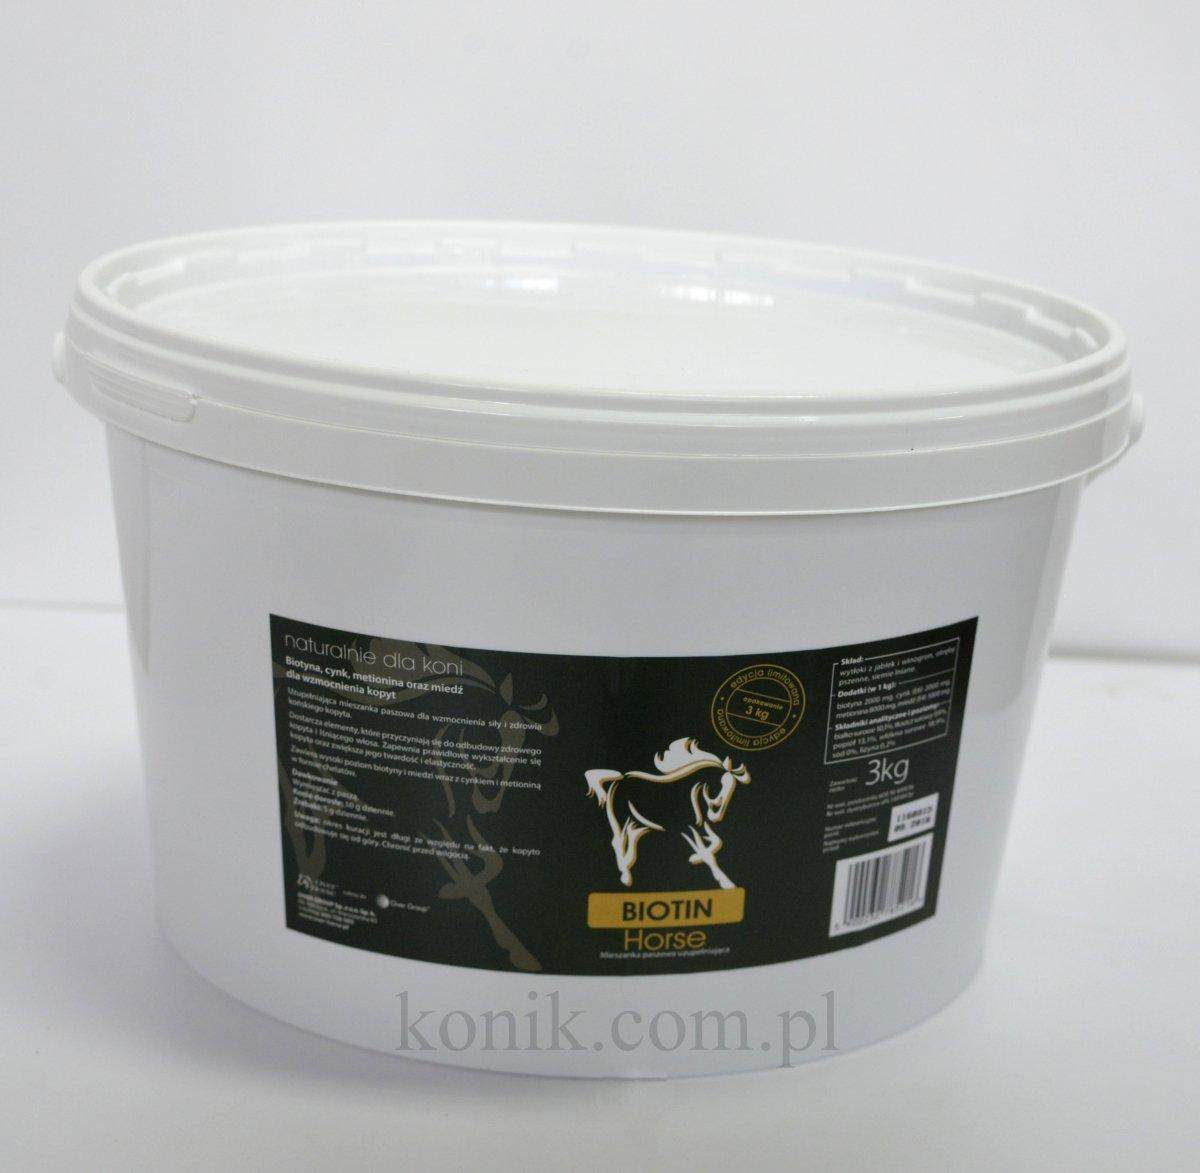 Zaawansowane Biotyna BIOTIN HORSE 3kg - OVER HORSE (edycja limitowana) EC44